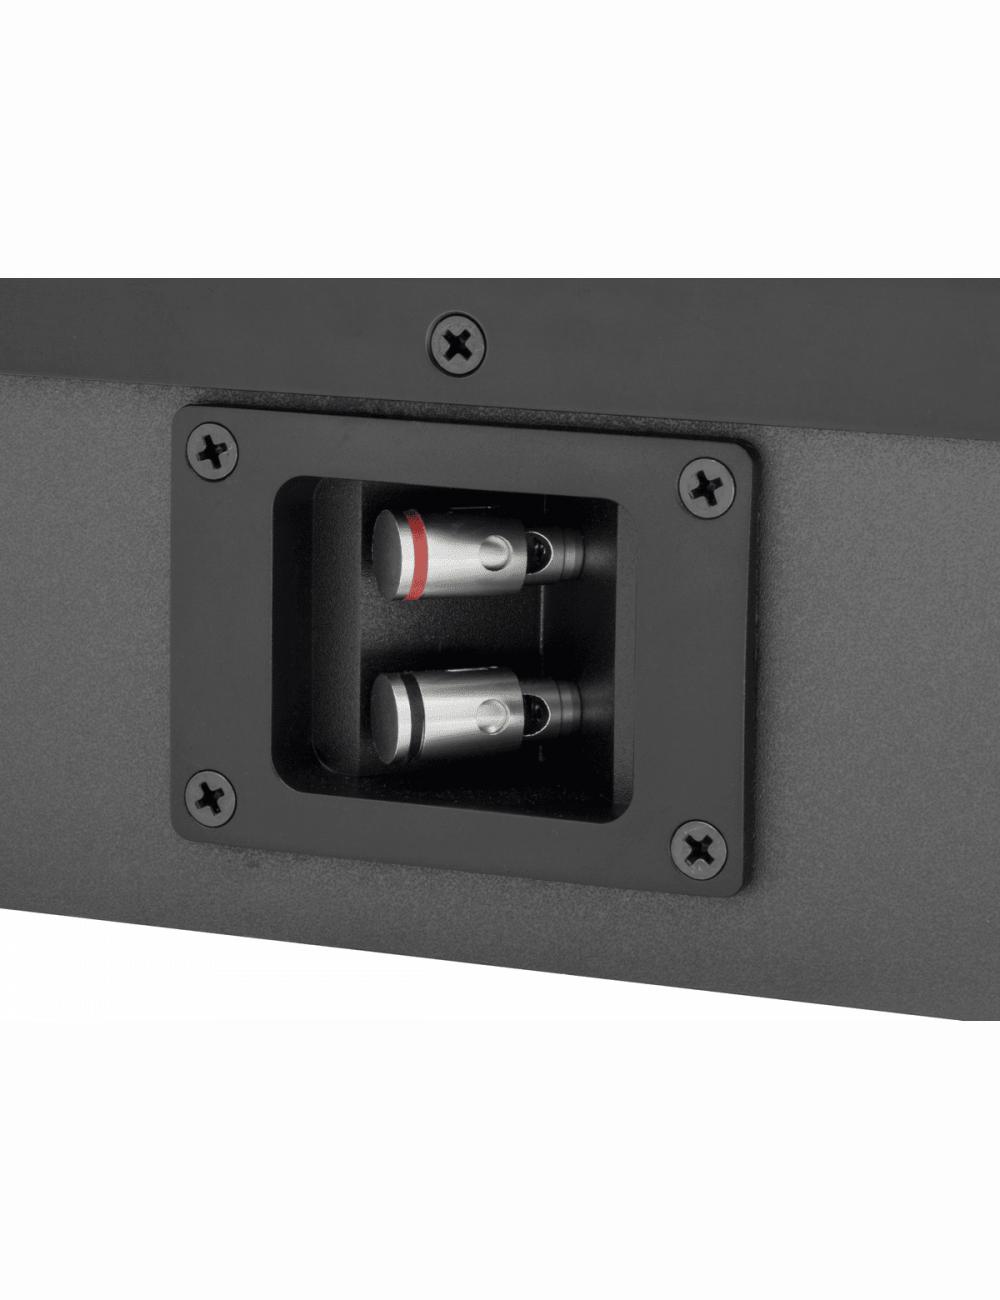 diffusore acustico da incasso a parete o a soffitto, Paradigm CI PRO P5-LCR, morsetti